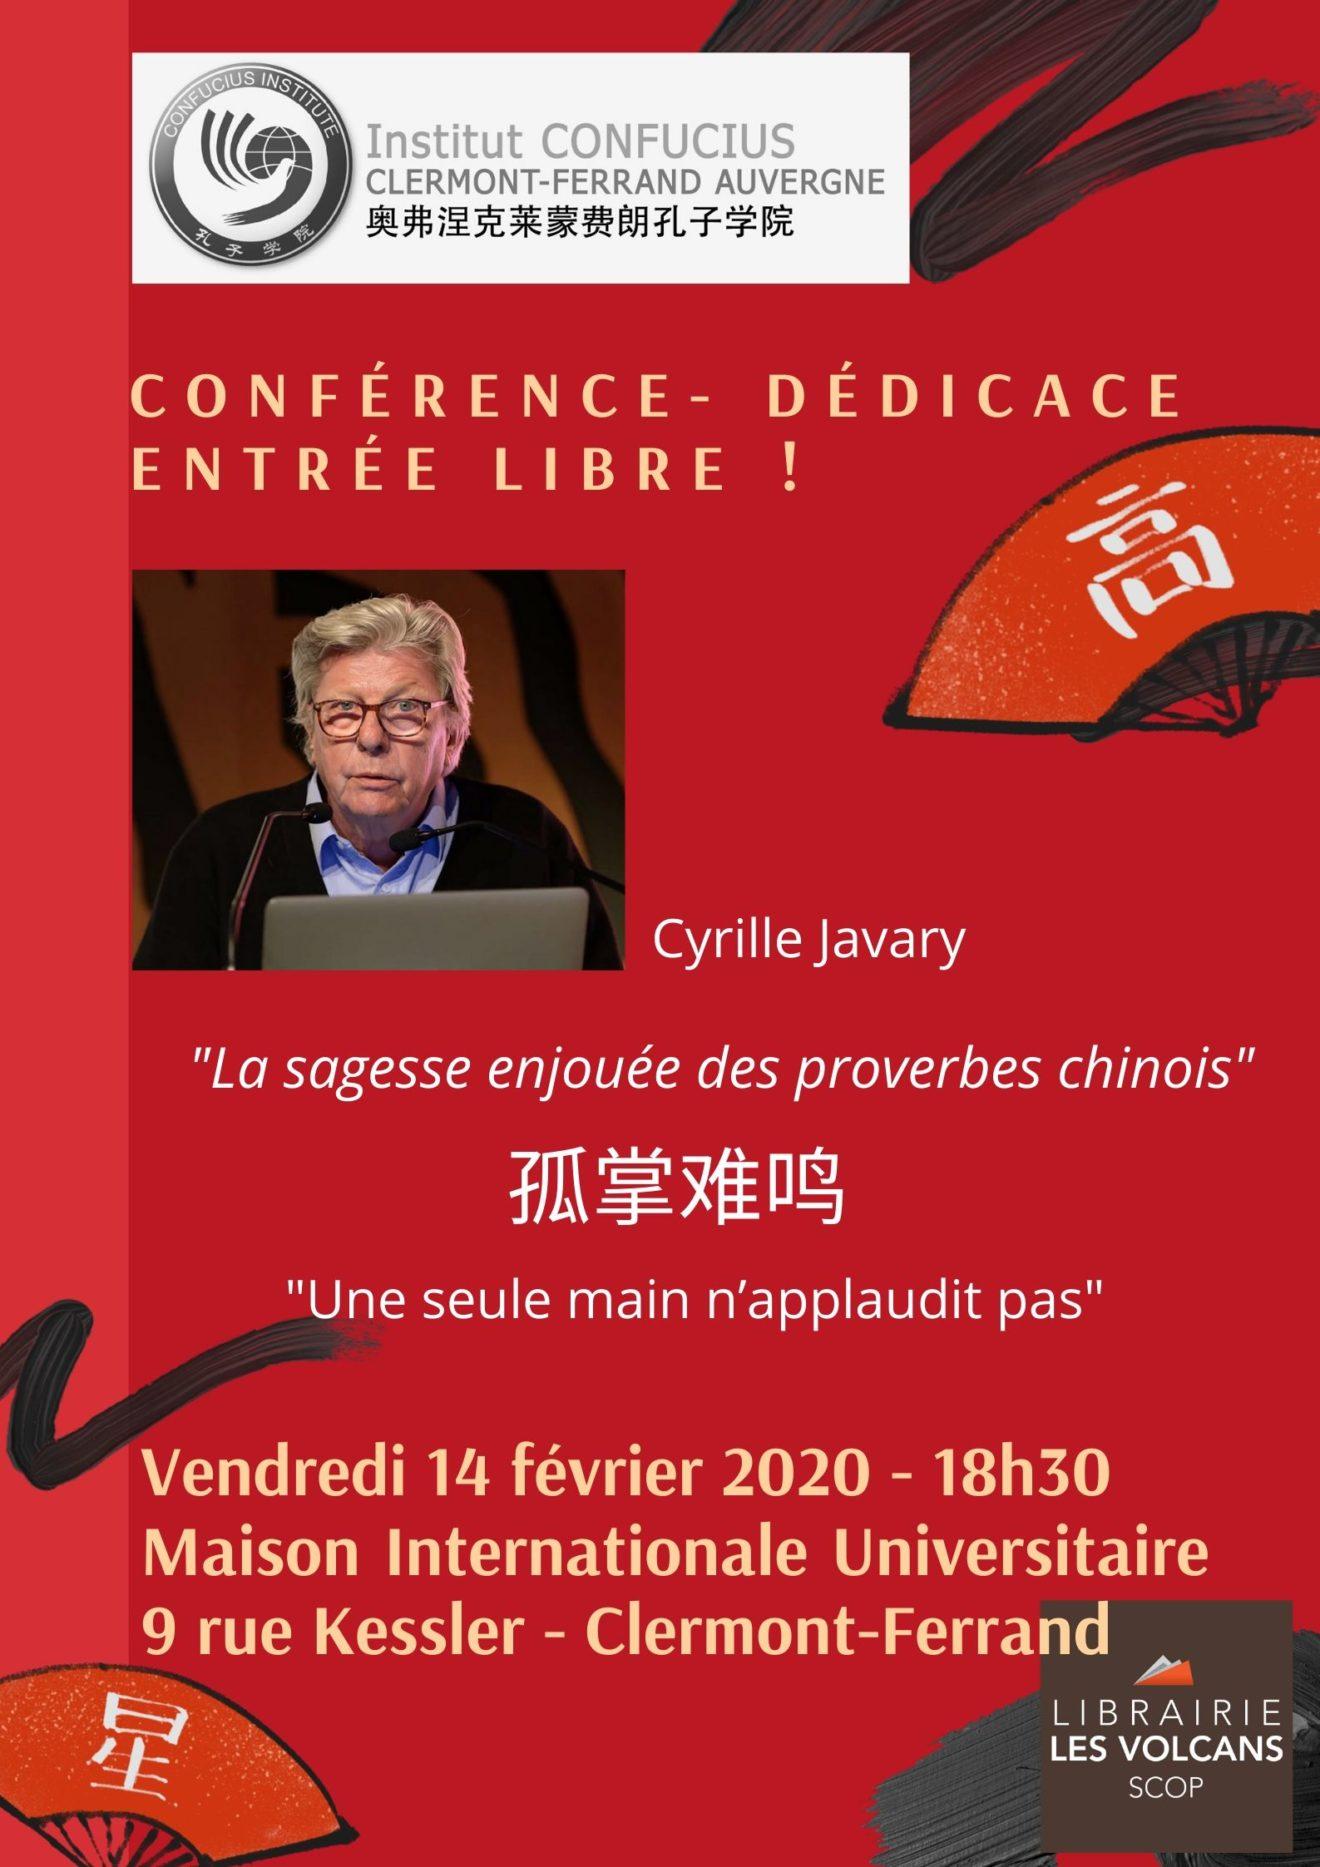 Conférence Cyrille Javary février 2020